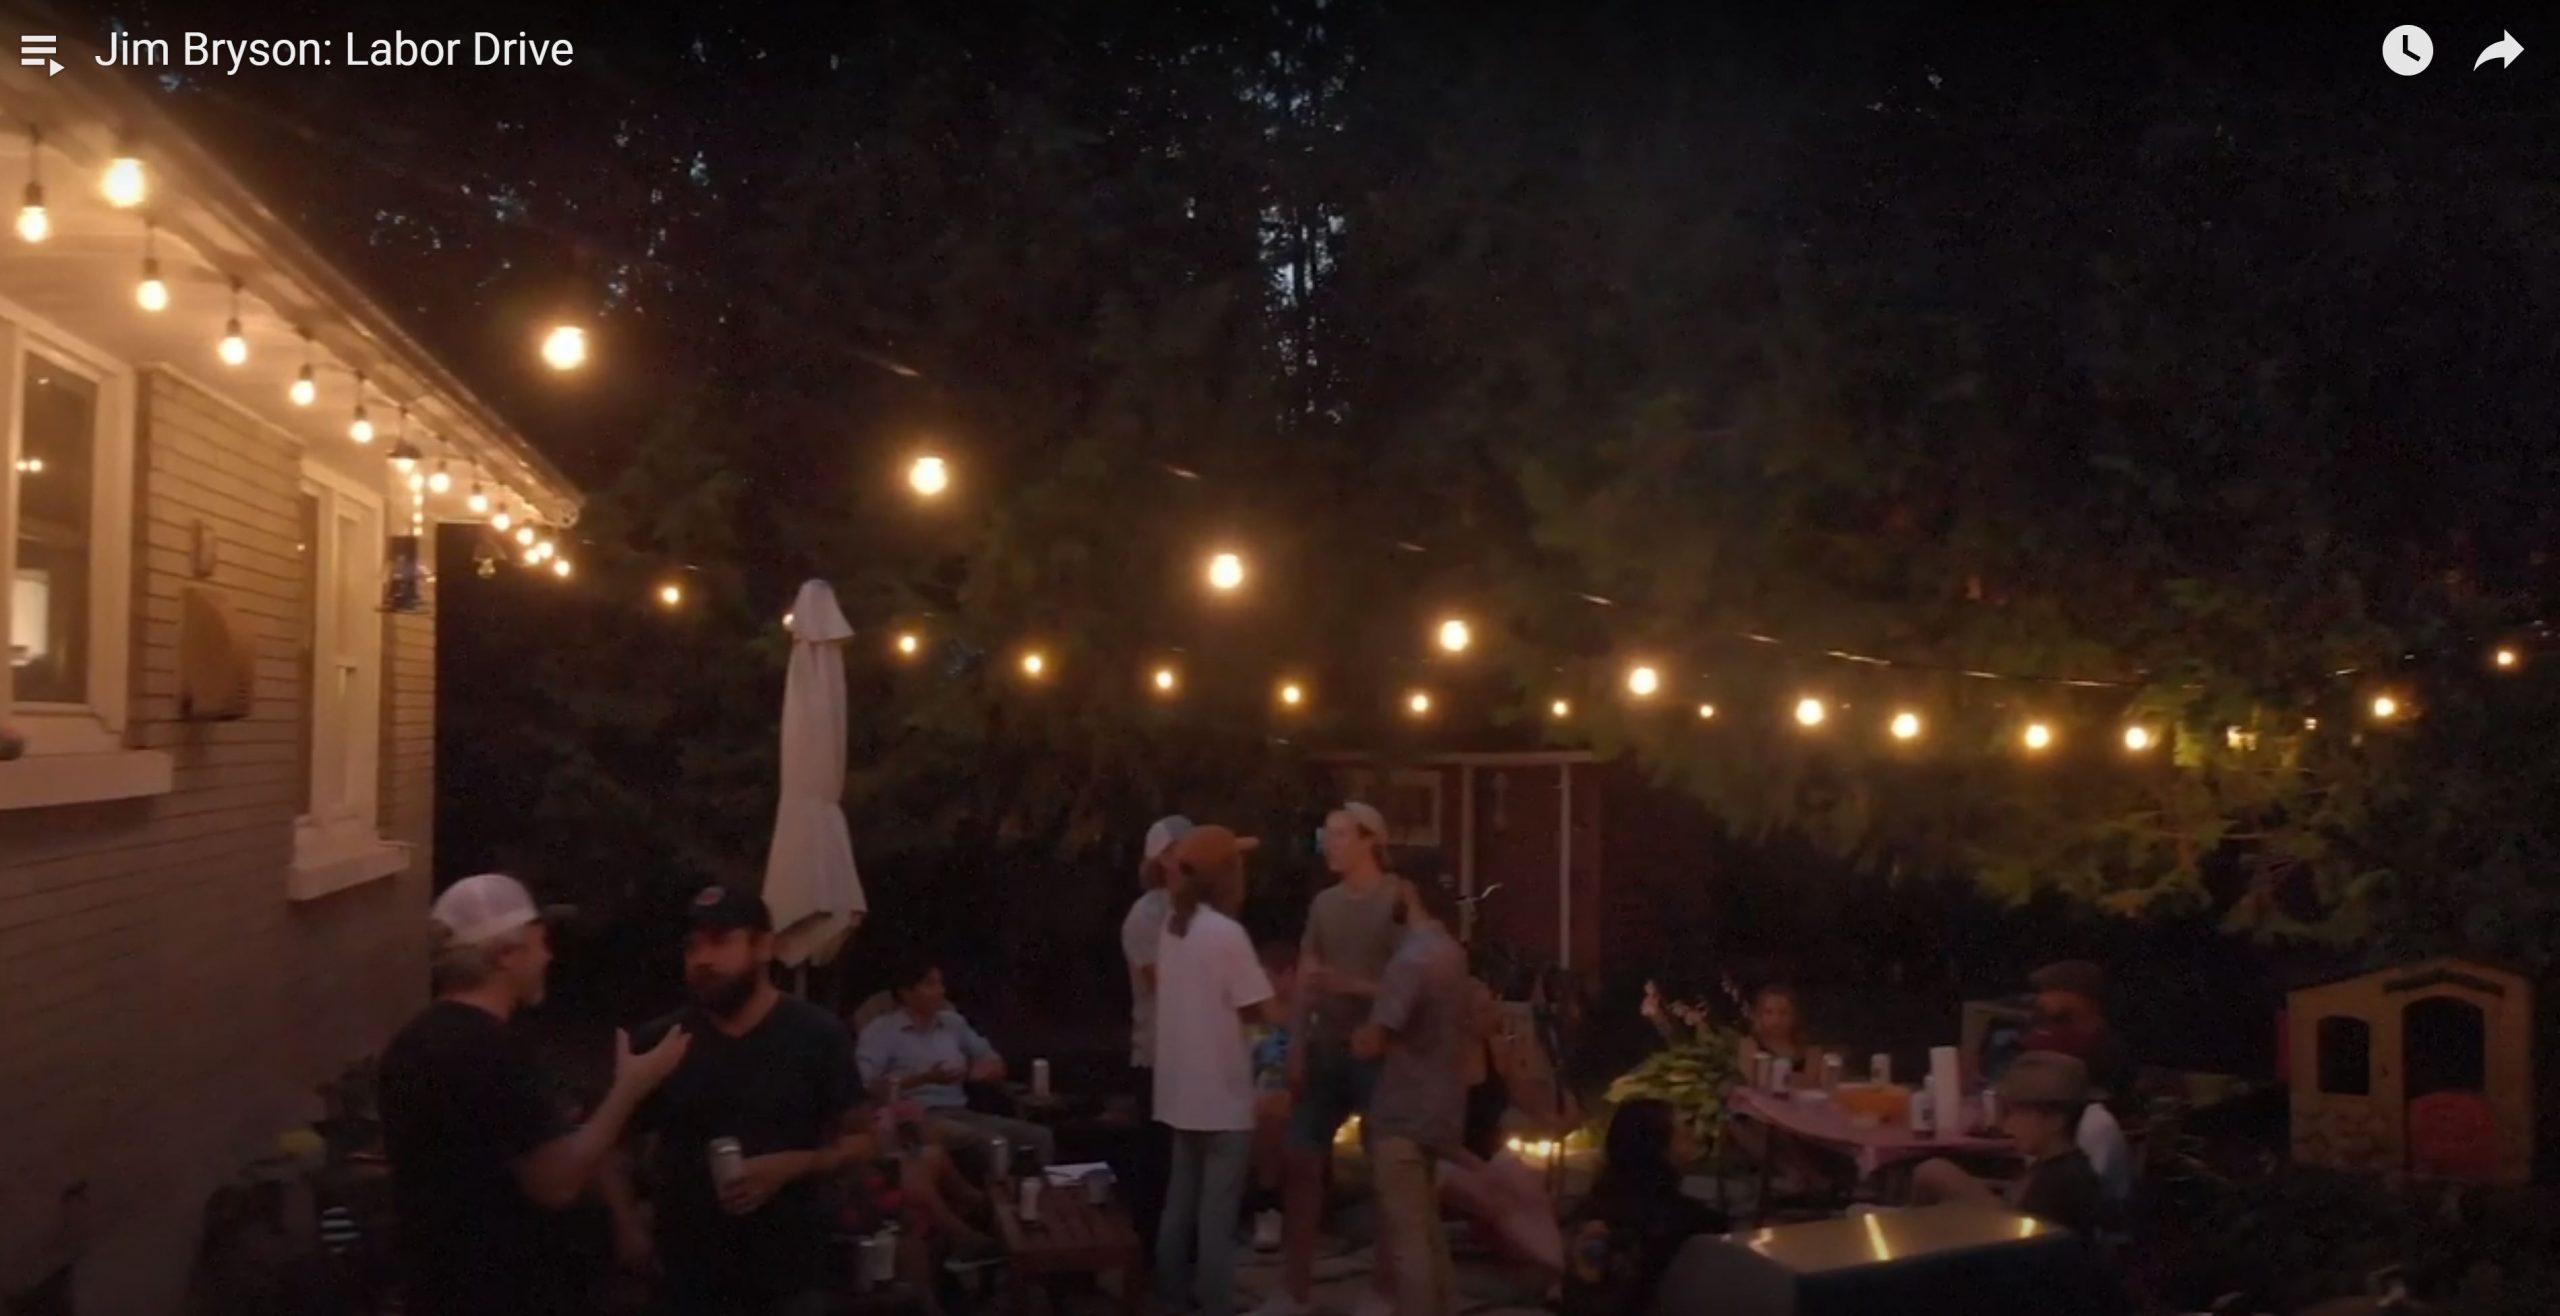 backyard party jim bryson